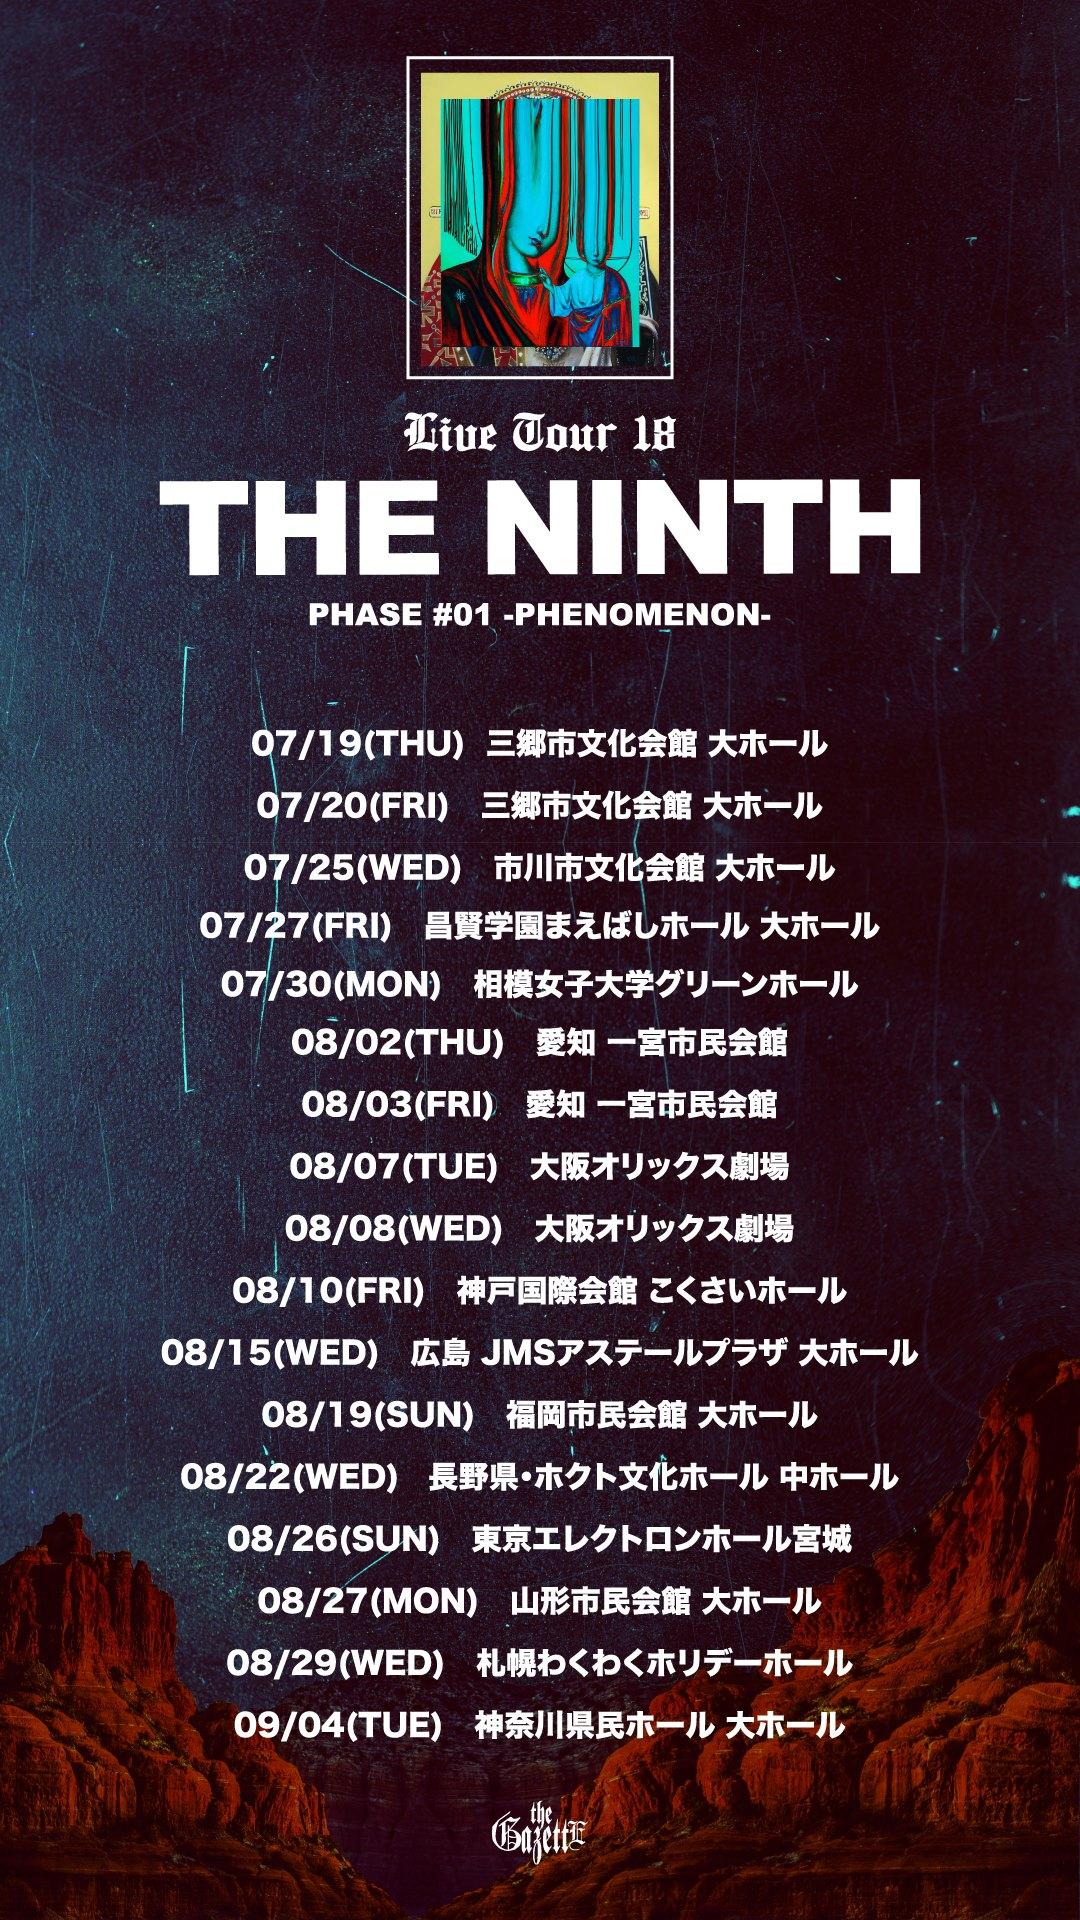 JRock247 the Gazette NINTH Phenomenon Tour